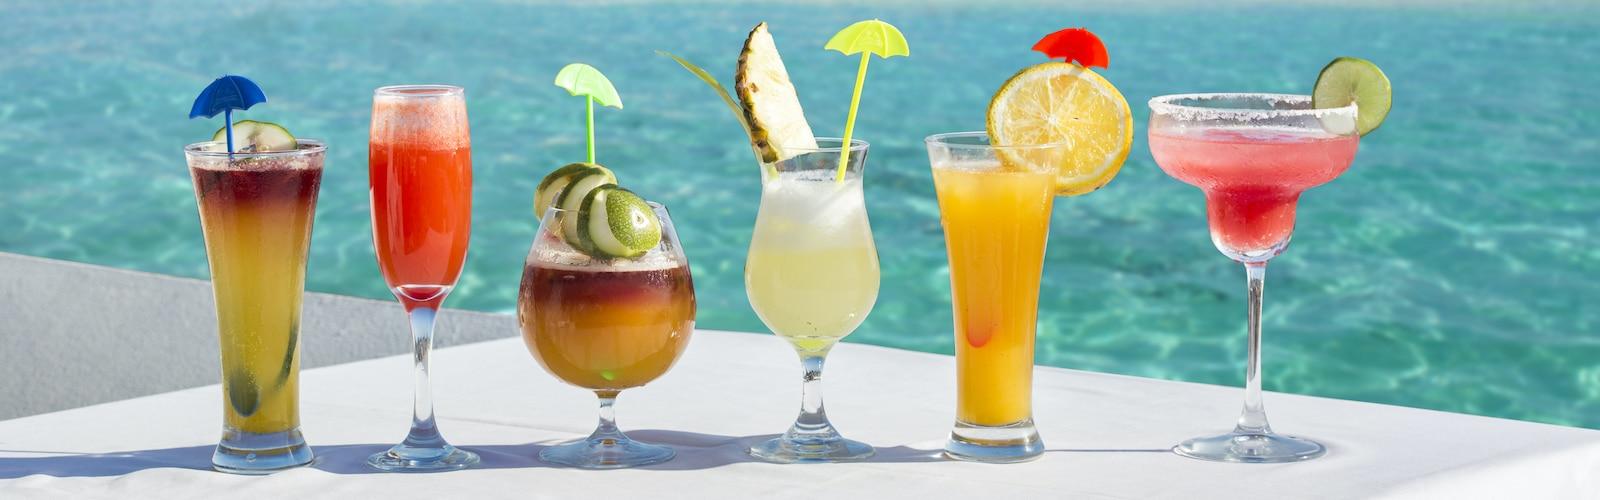 Best Happy Hours in Waikiki, Oahu, Hawaii